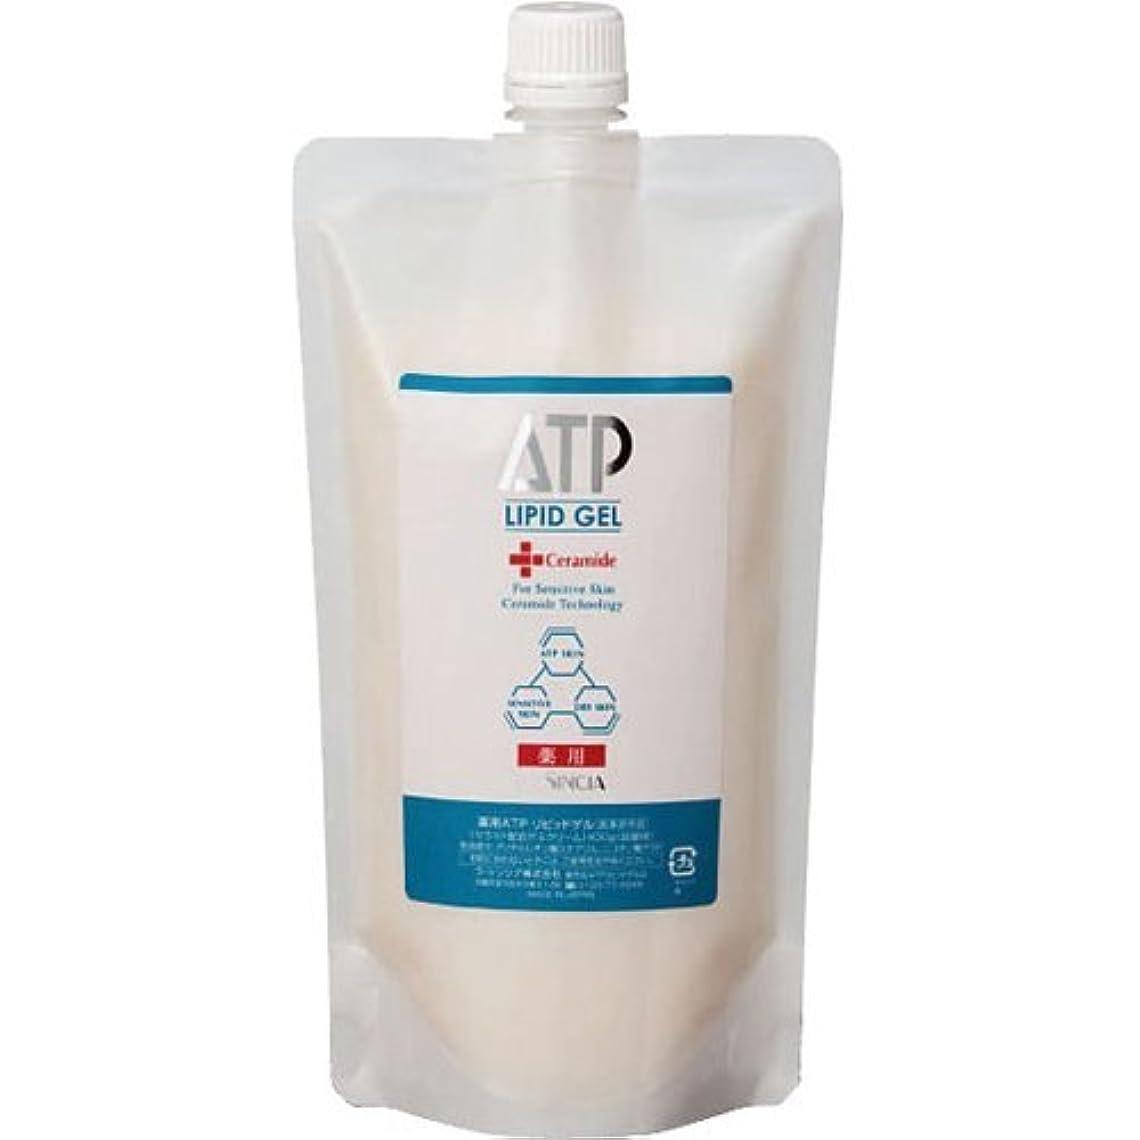 パッチショップレンチラシンシア 薬用ATPリピッドゲル 400g(詰替用) 【セラミド配合ゲルクリーム】